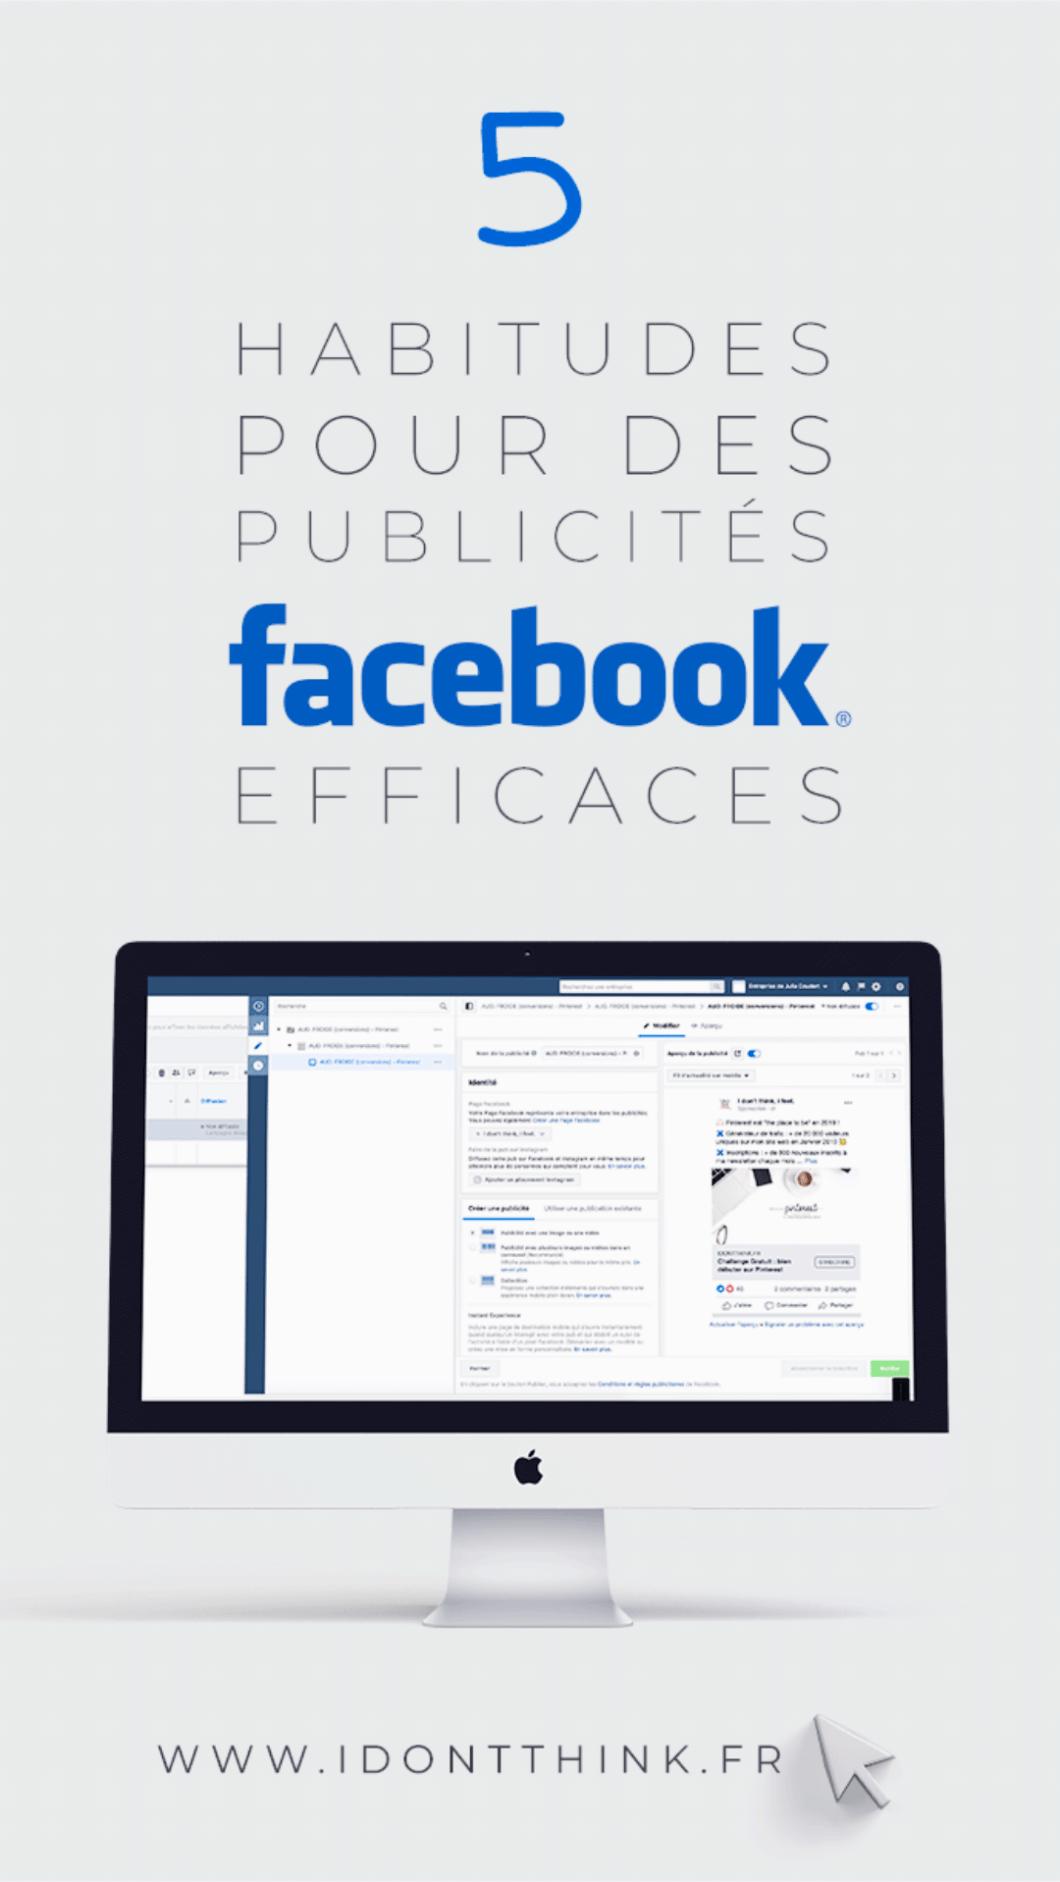 Comment faire des publicités Facebook efficaces ?